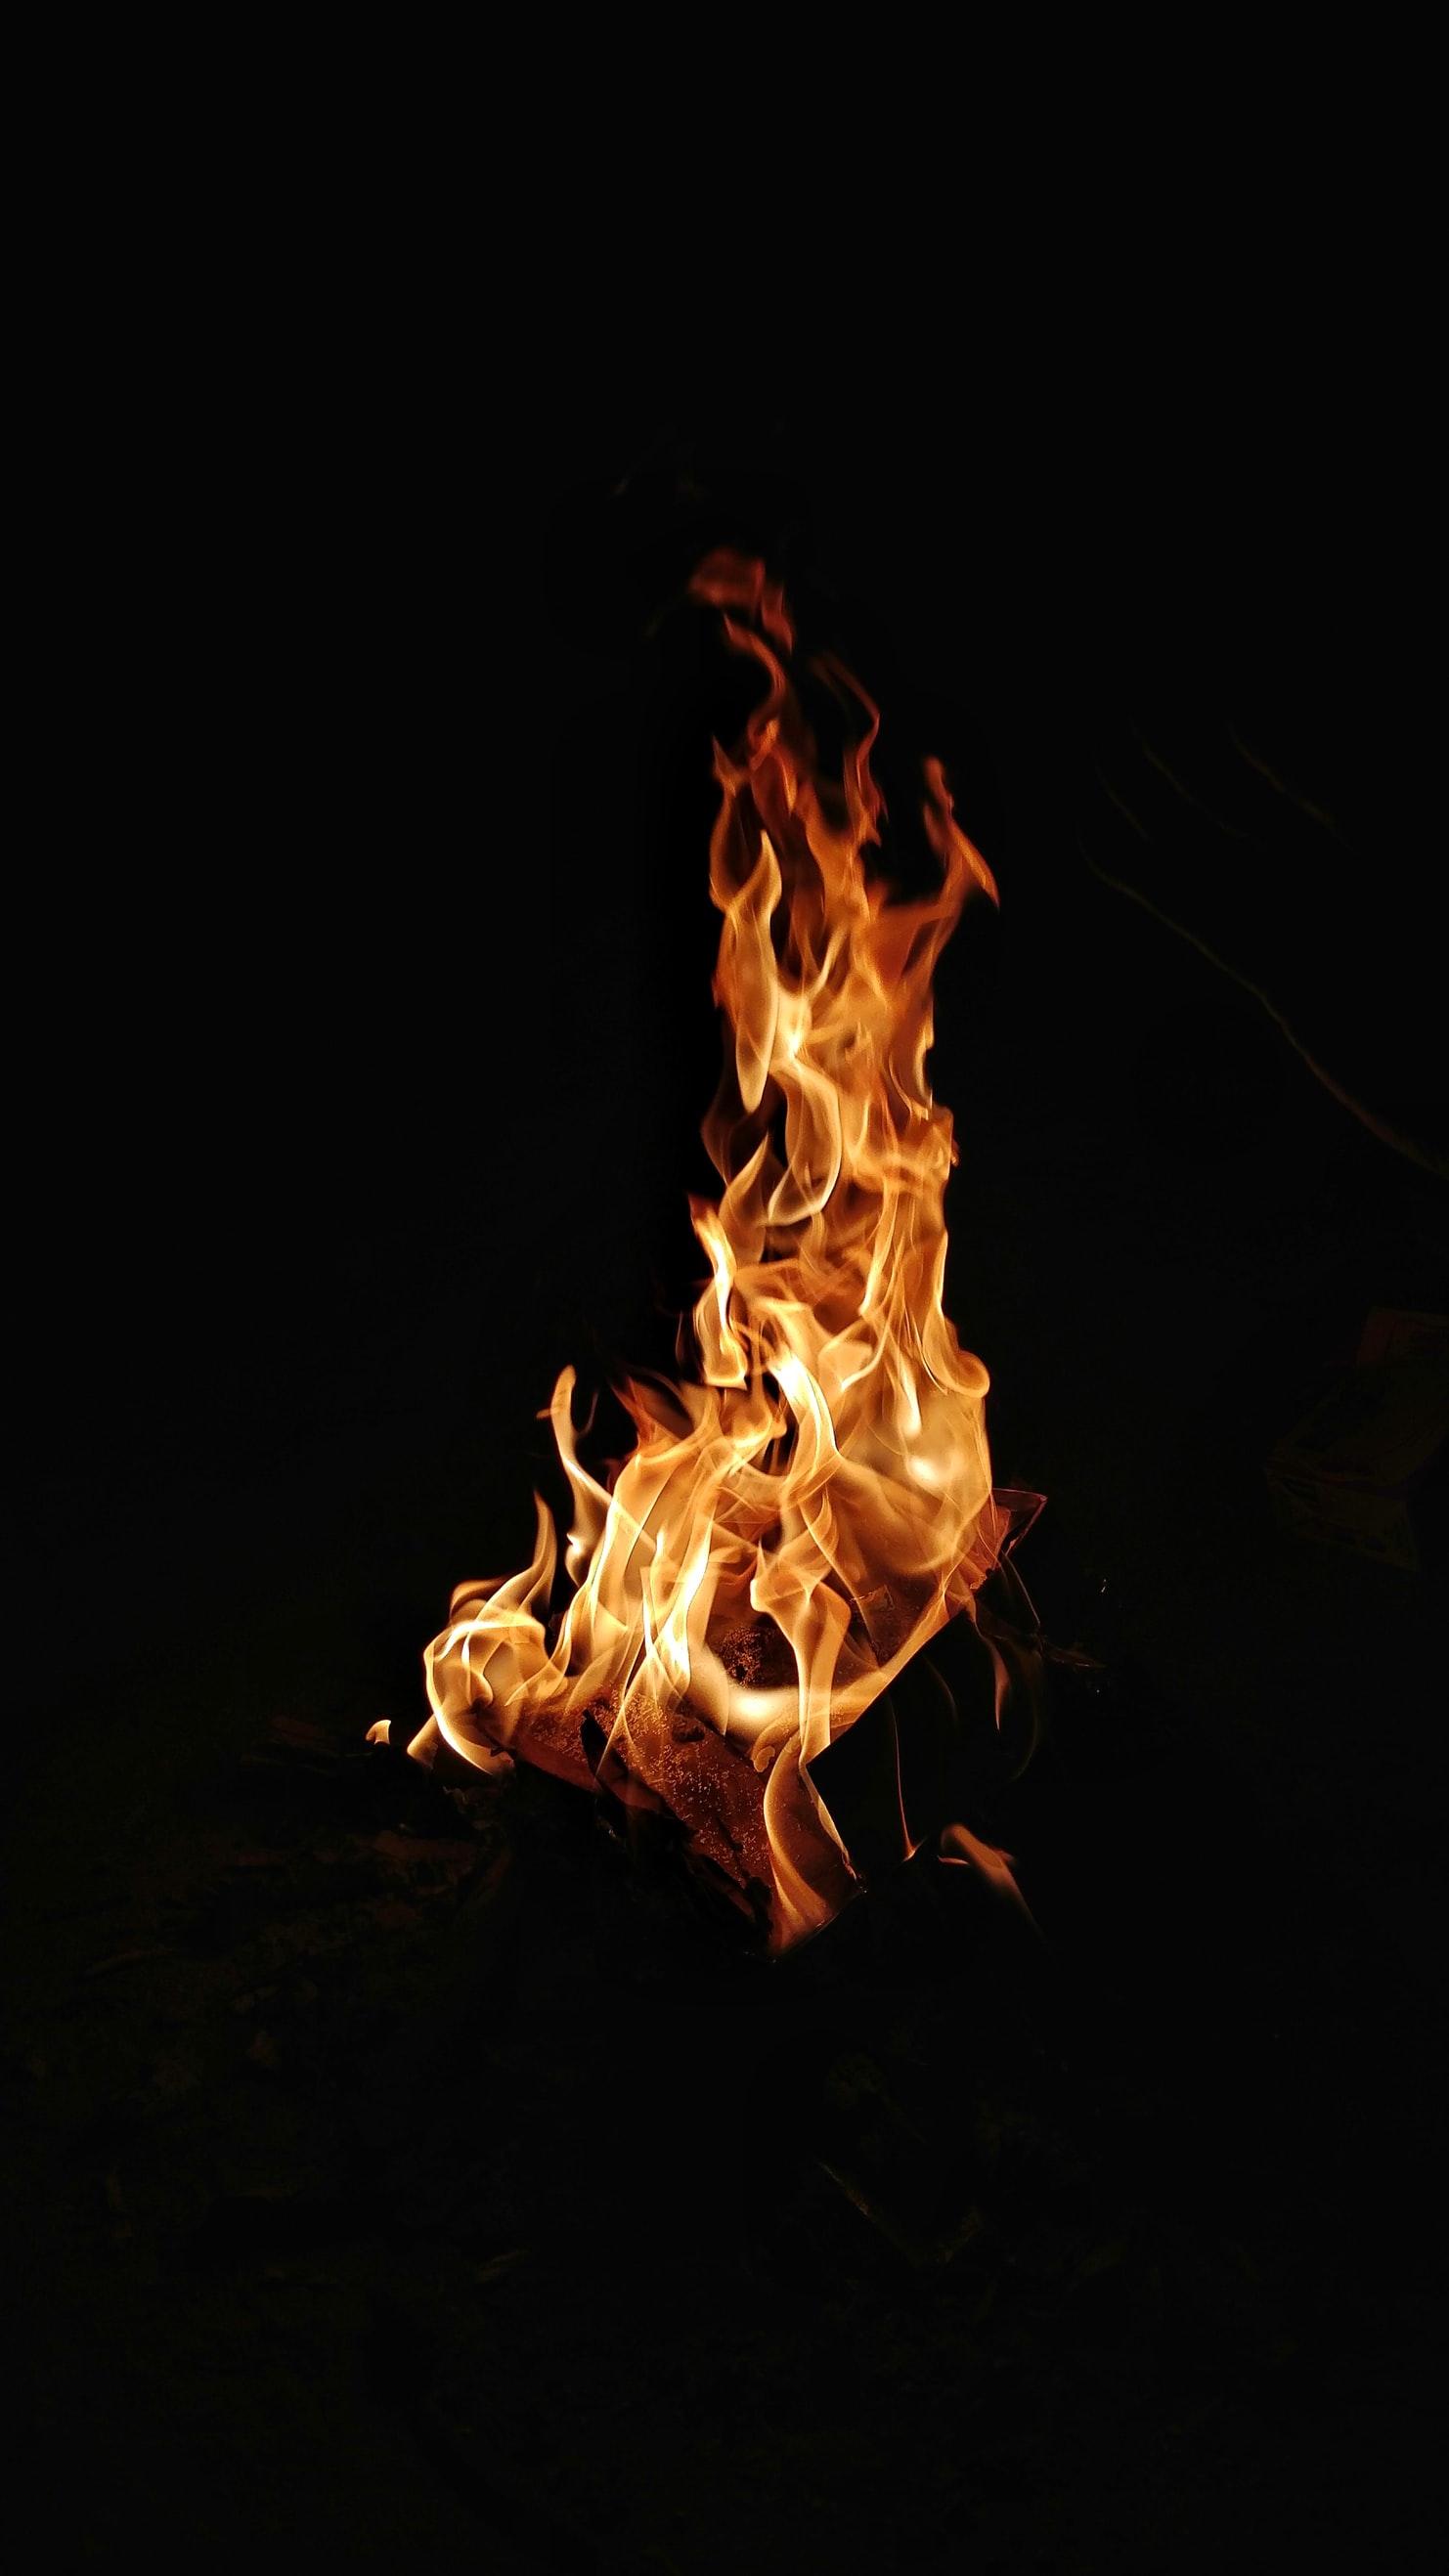 もう火起こしなんて怖くない!火起こしのコツと100均で作れる便利グッズ!